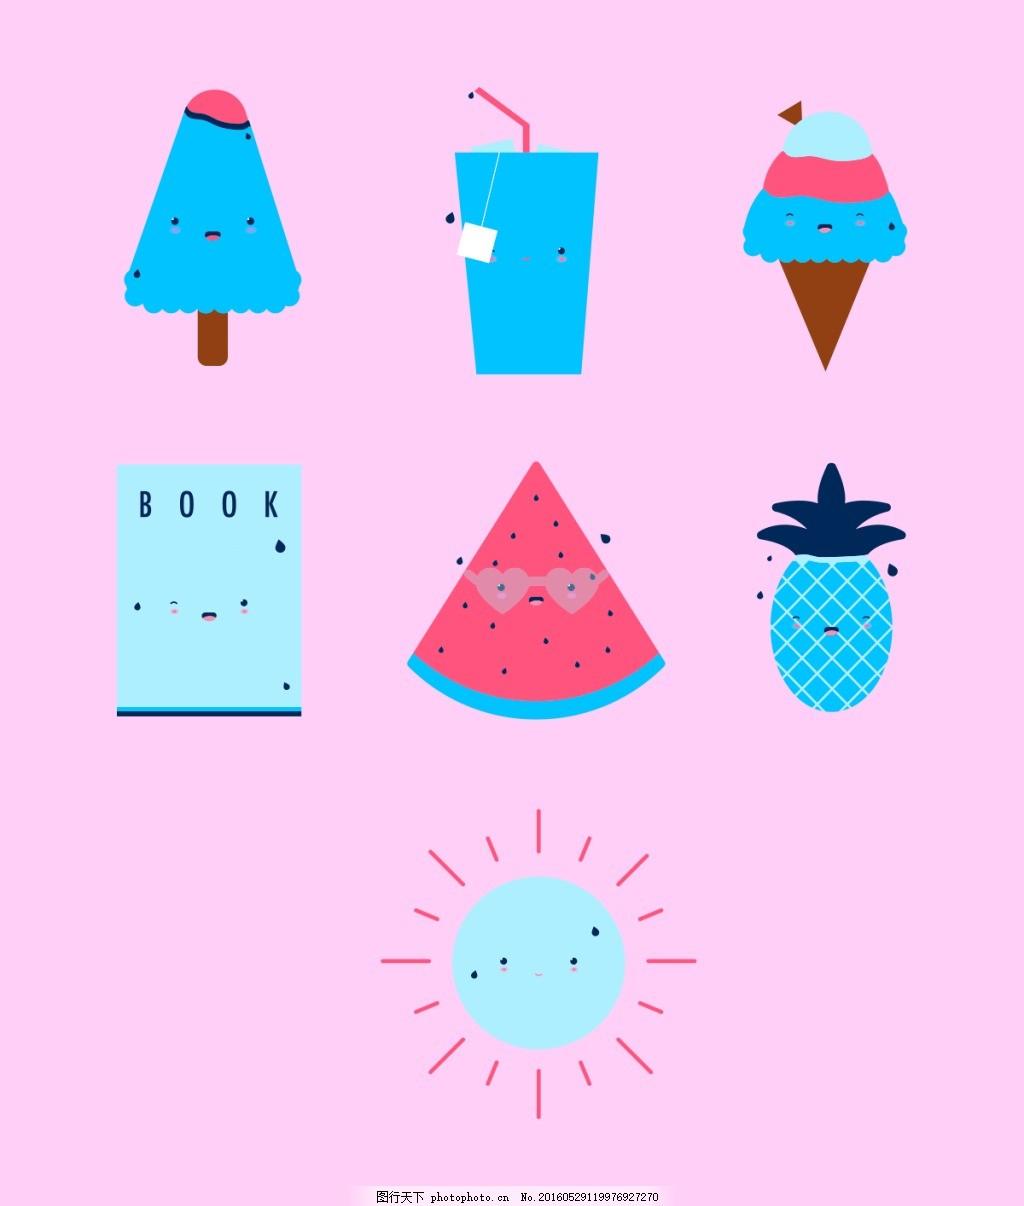 几款冷饮的矢量图,矢量标志 标签 小图标 西瓜 冰激凌